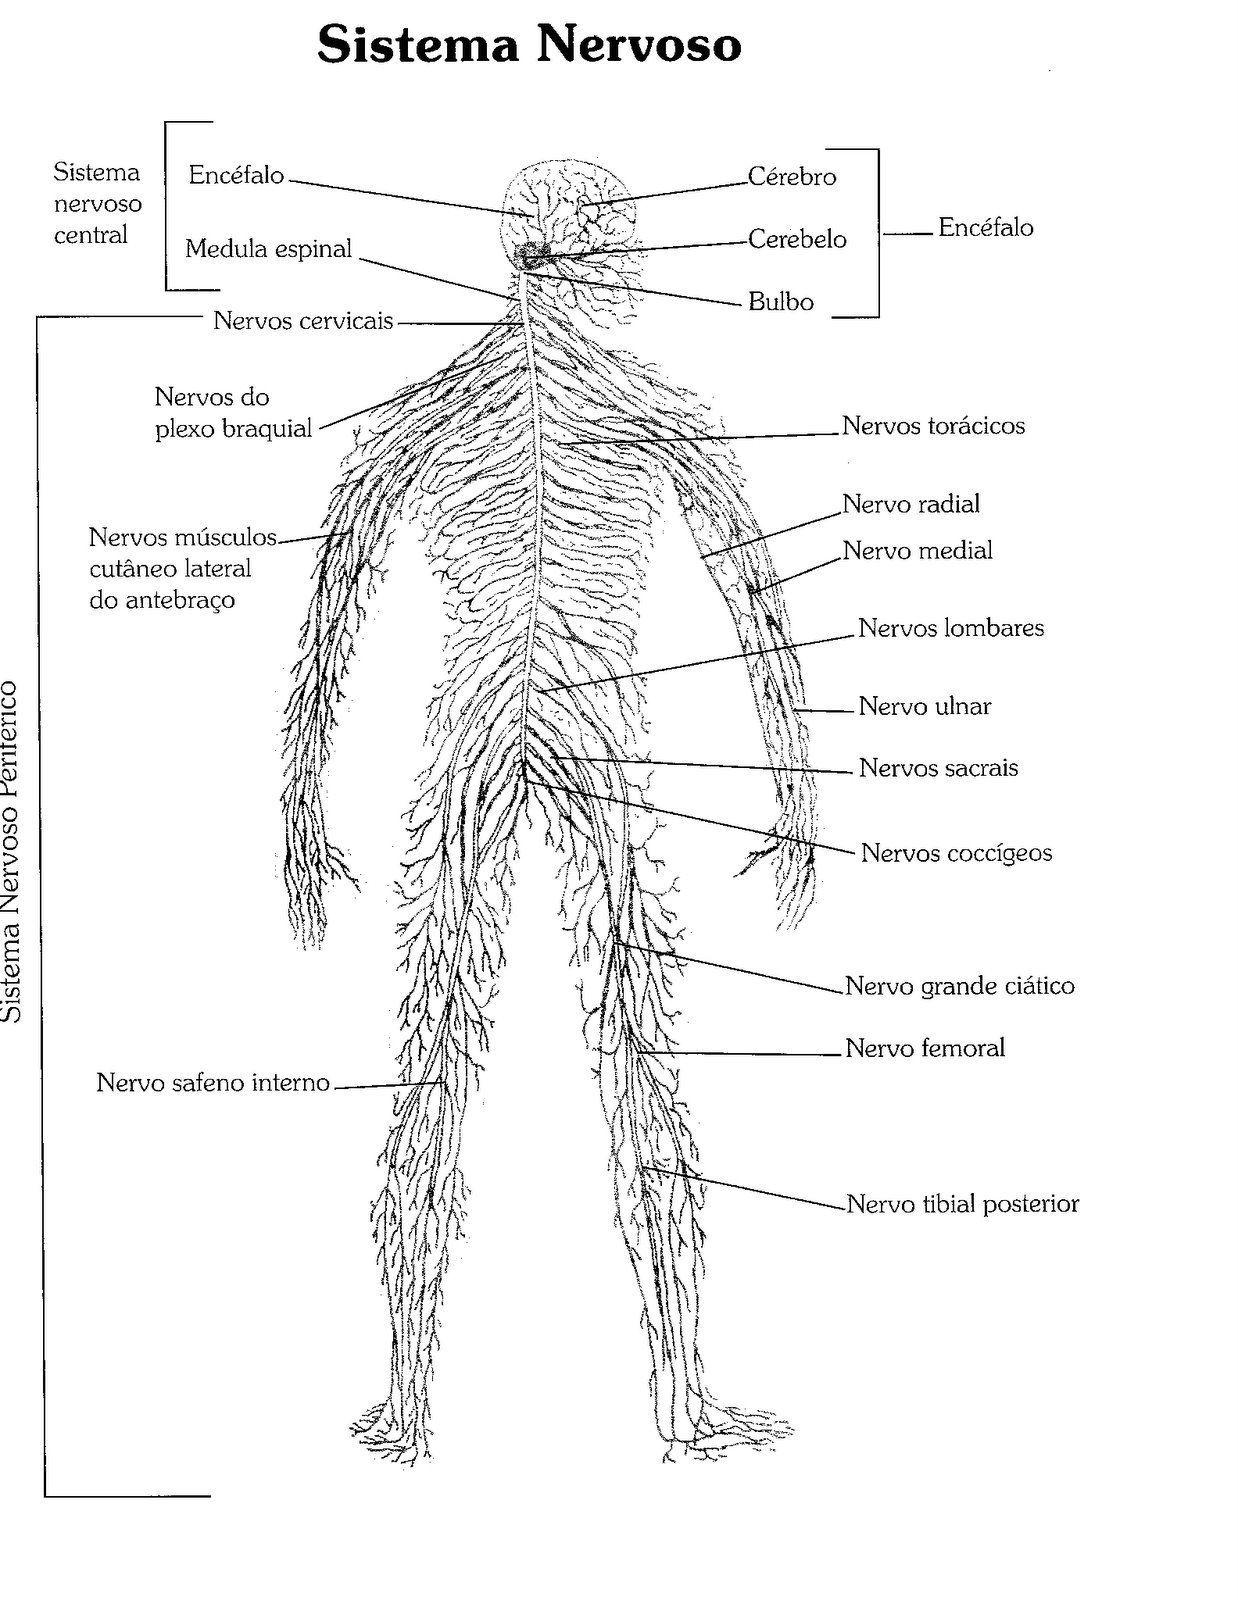 32 Desenhos de Anatomia Humana para Colorir e Imprimir - Online Cursos  Gratuitos em 2020 | Atlas do corpo humano, Corpo humano, Corpo humano para  colorir